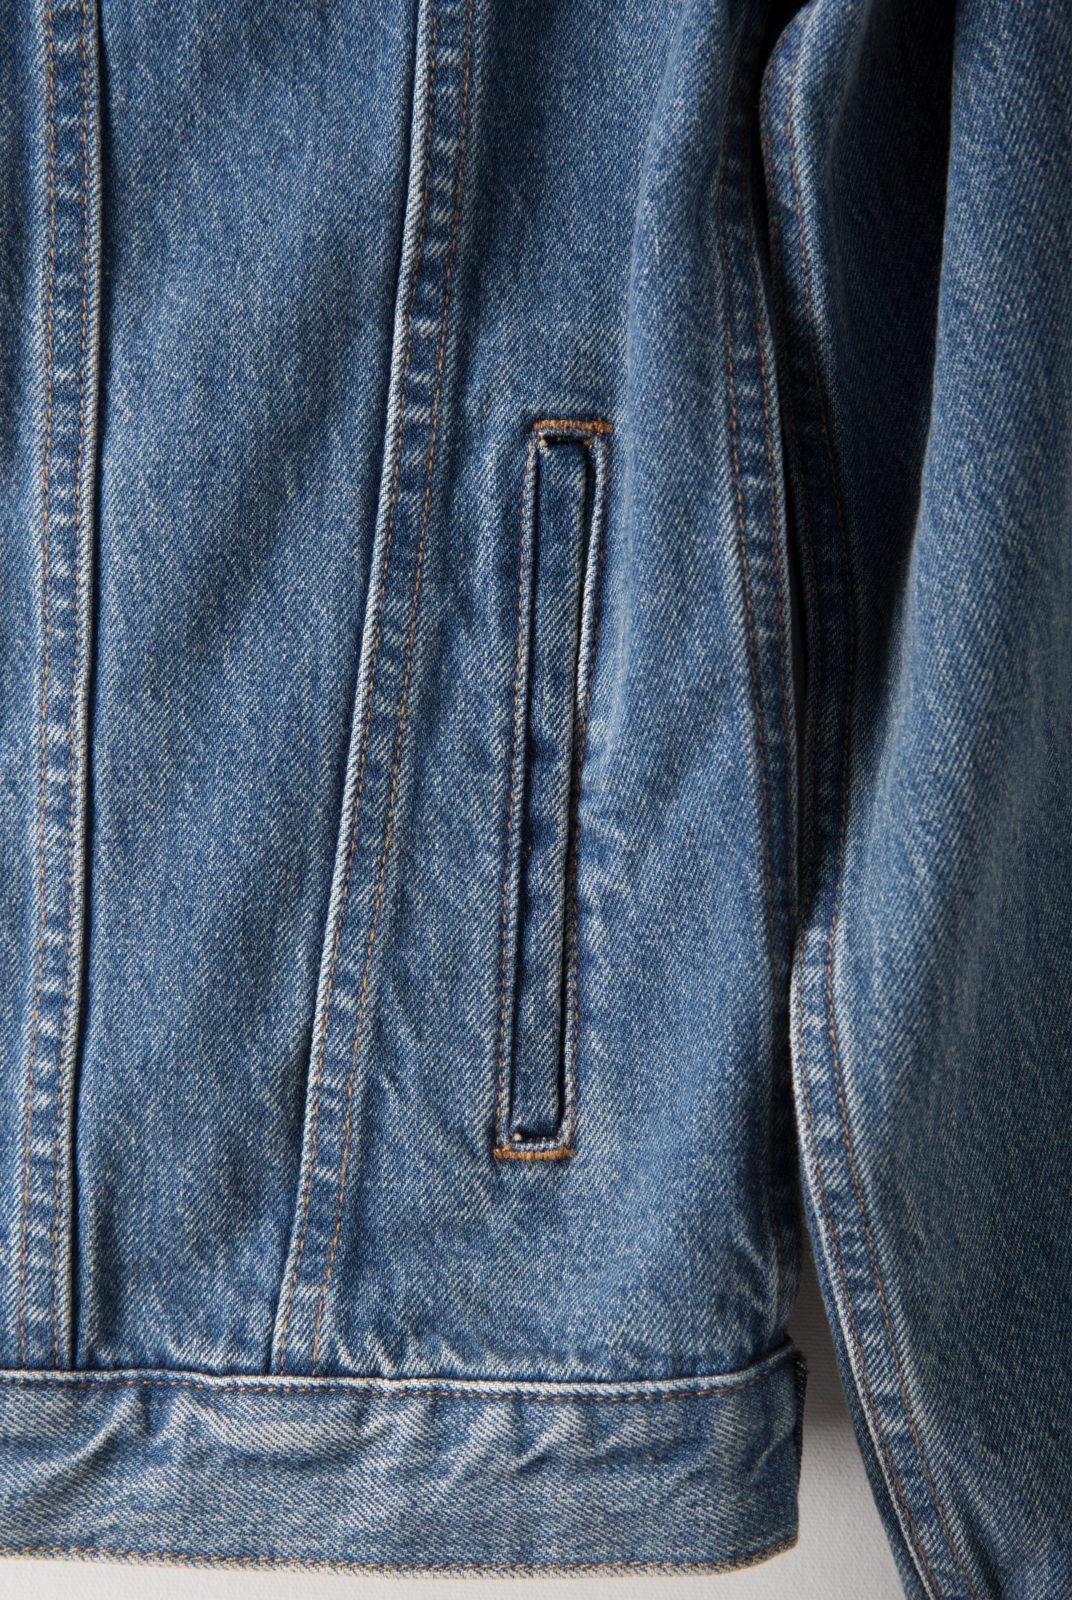 veste en denim japonais, coupe droite, col droit, fermeture boutonnée, apc